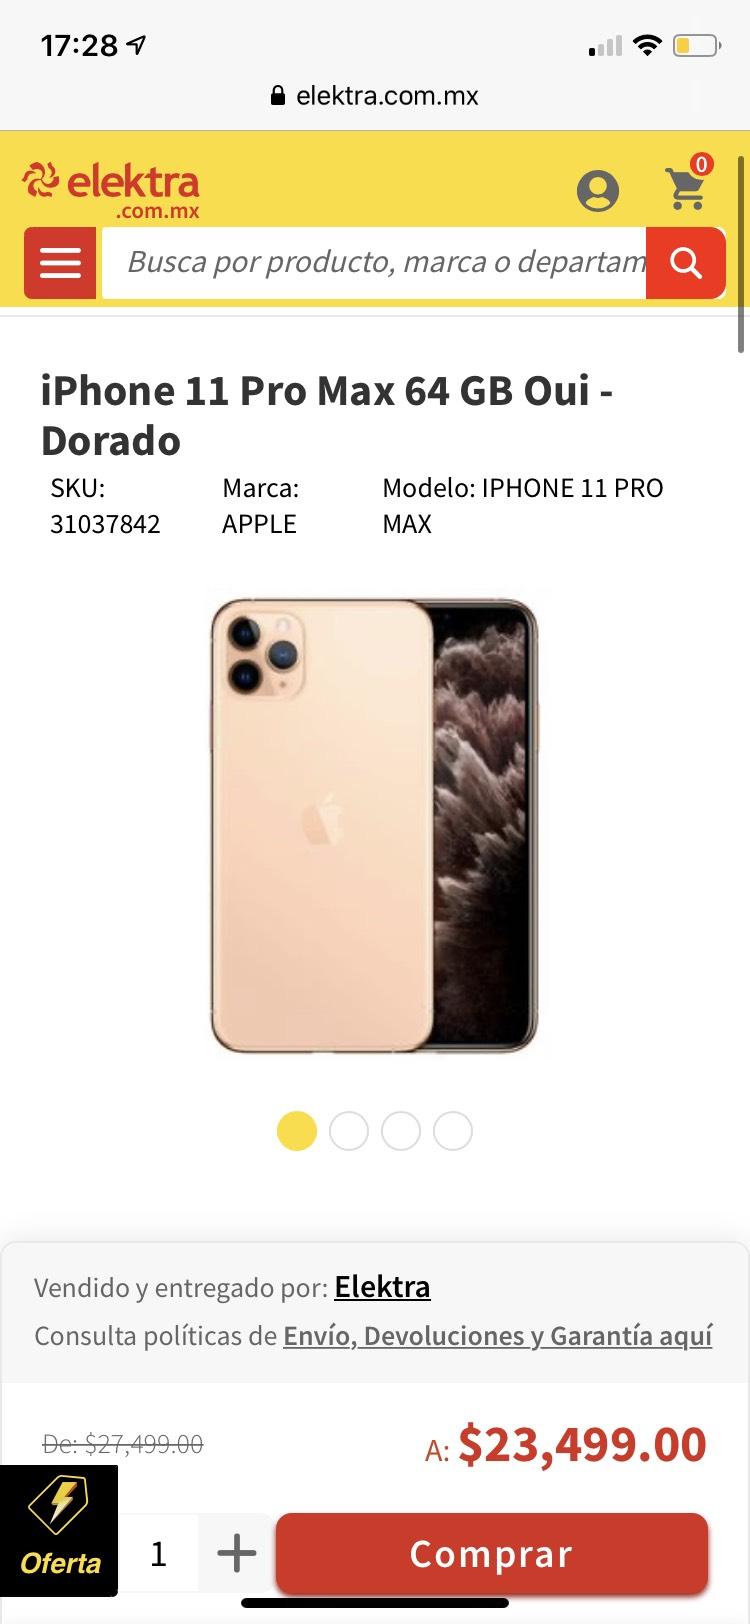 Elektra: Iphone 11 pro max 64 GB pagando con banco azteca